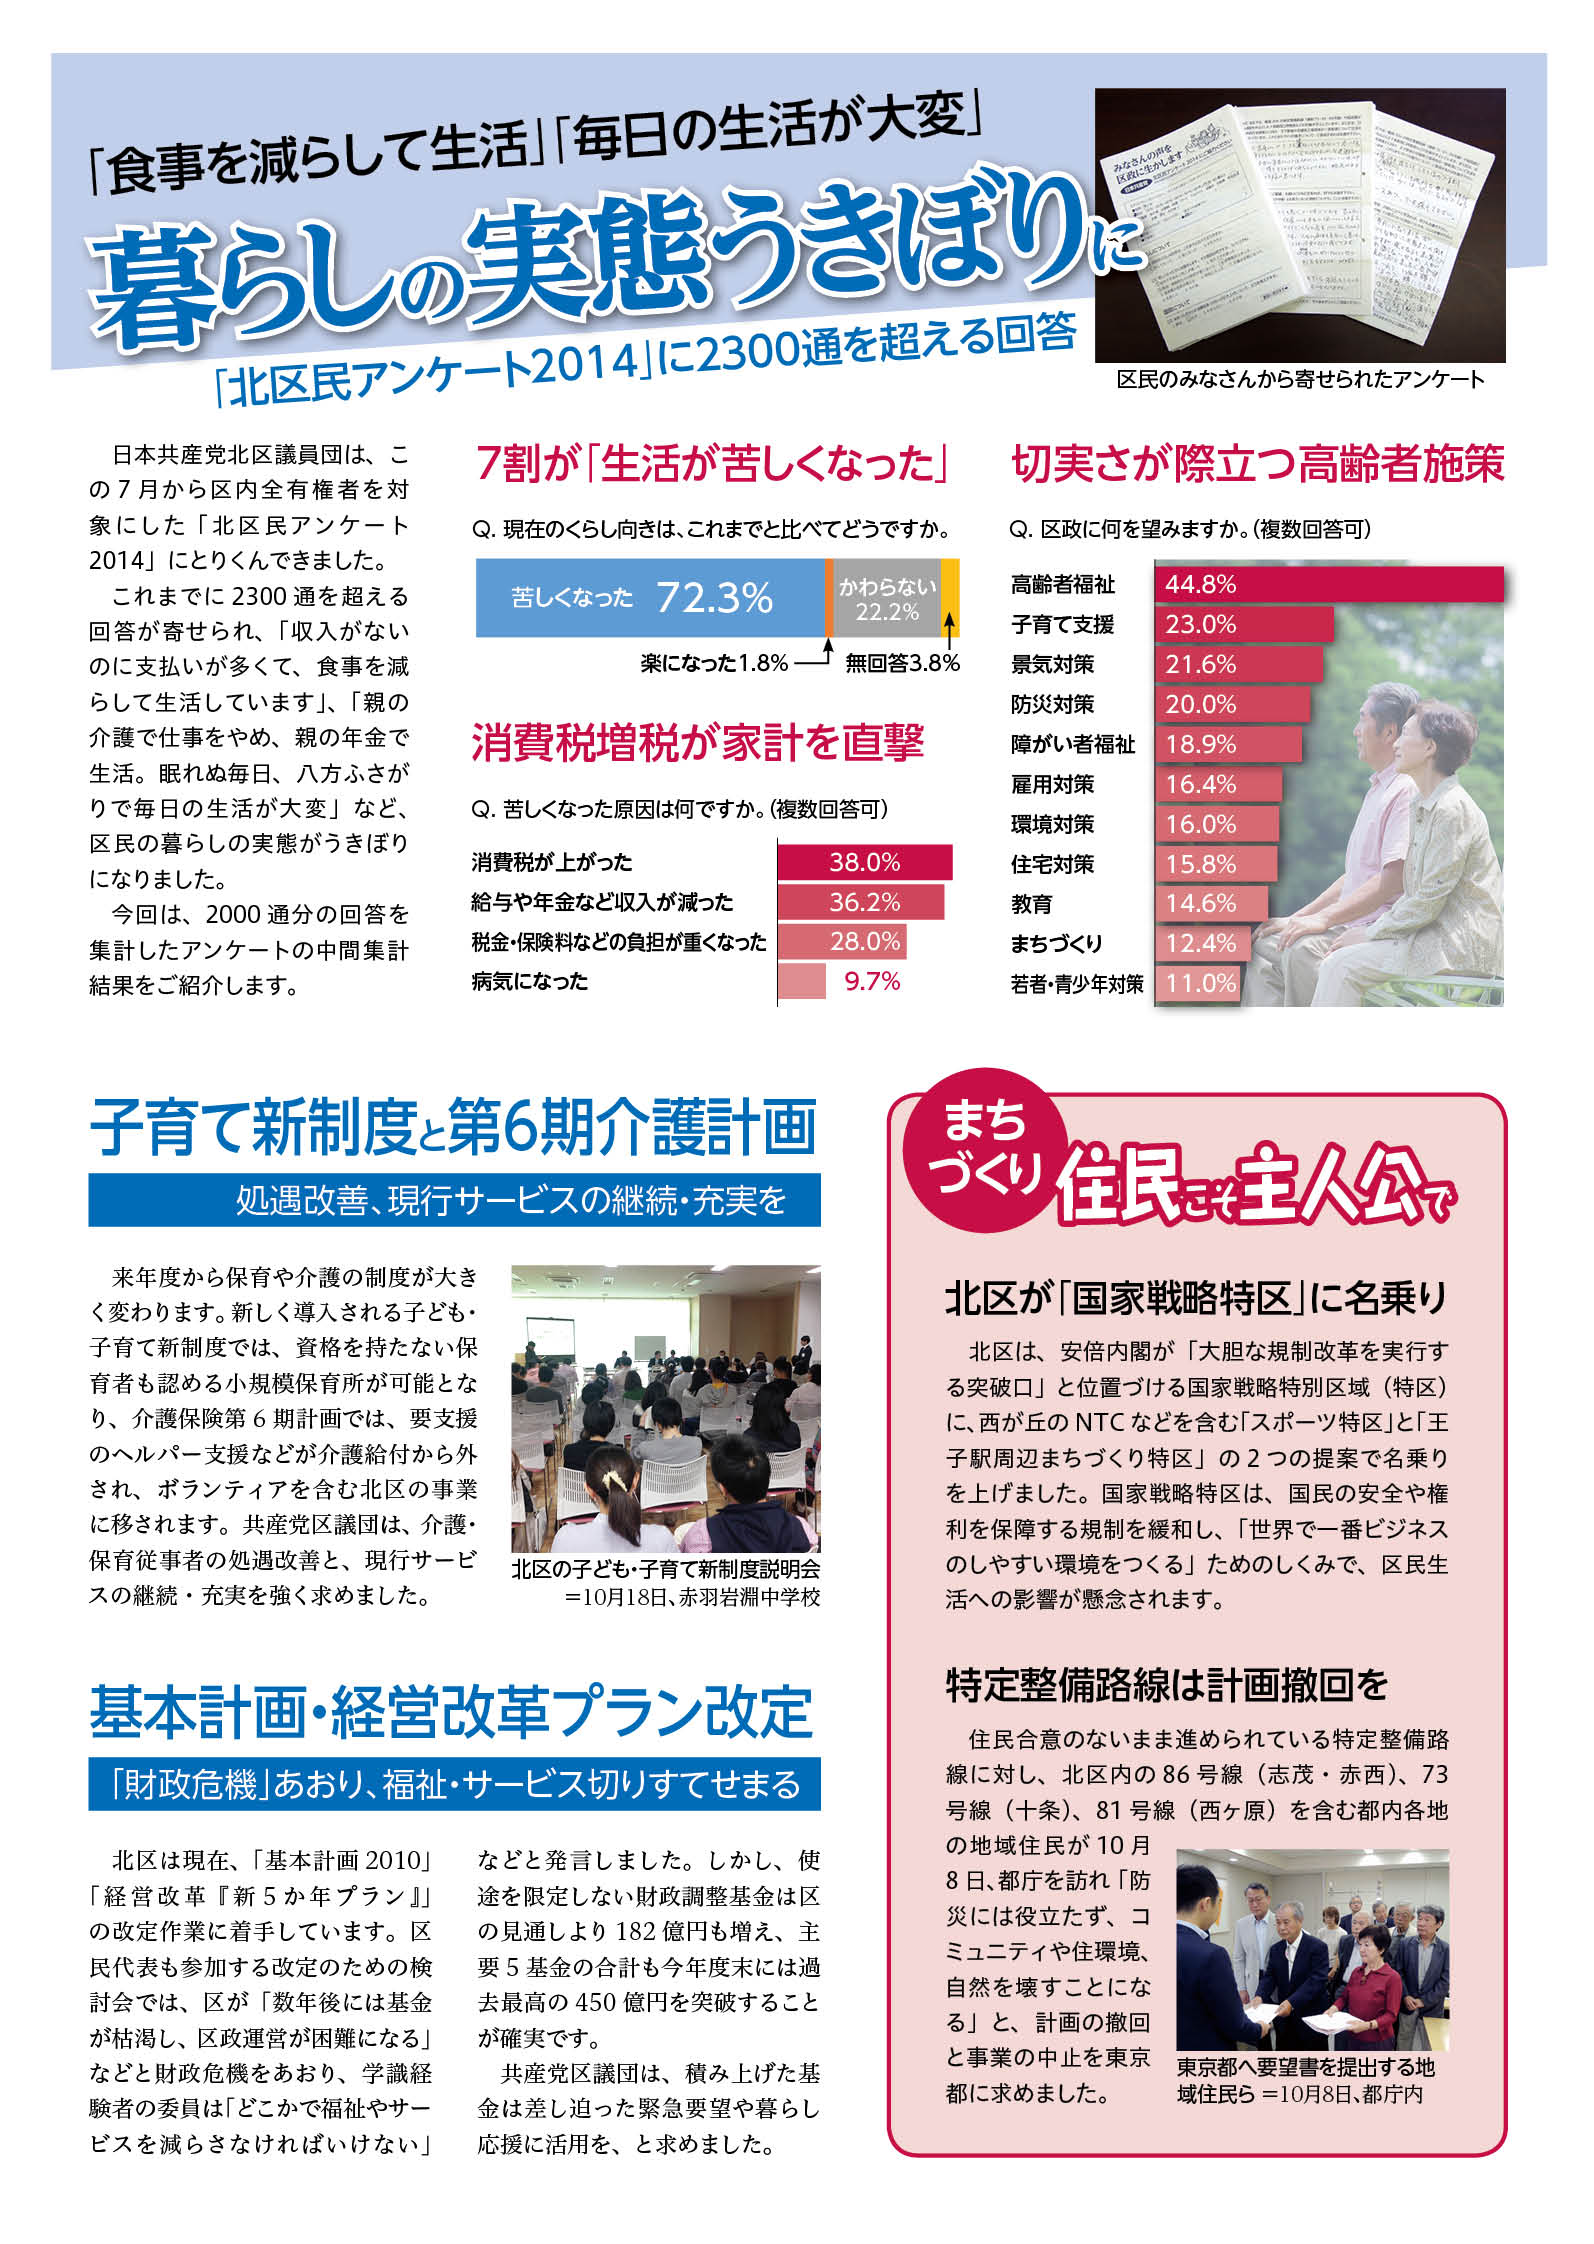 dan-news-2014-03_02